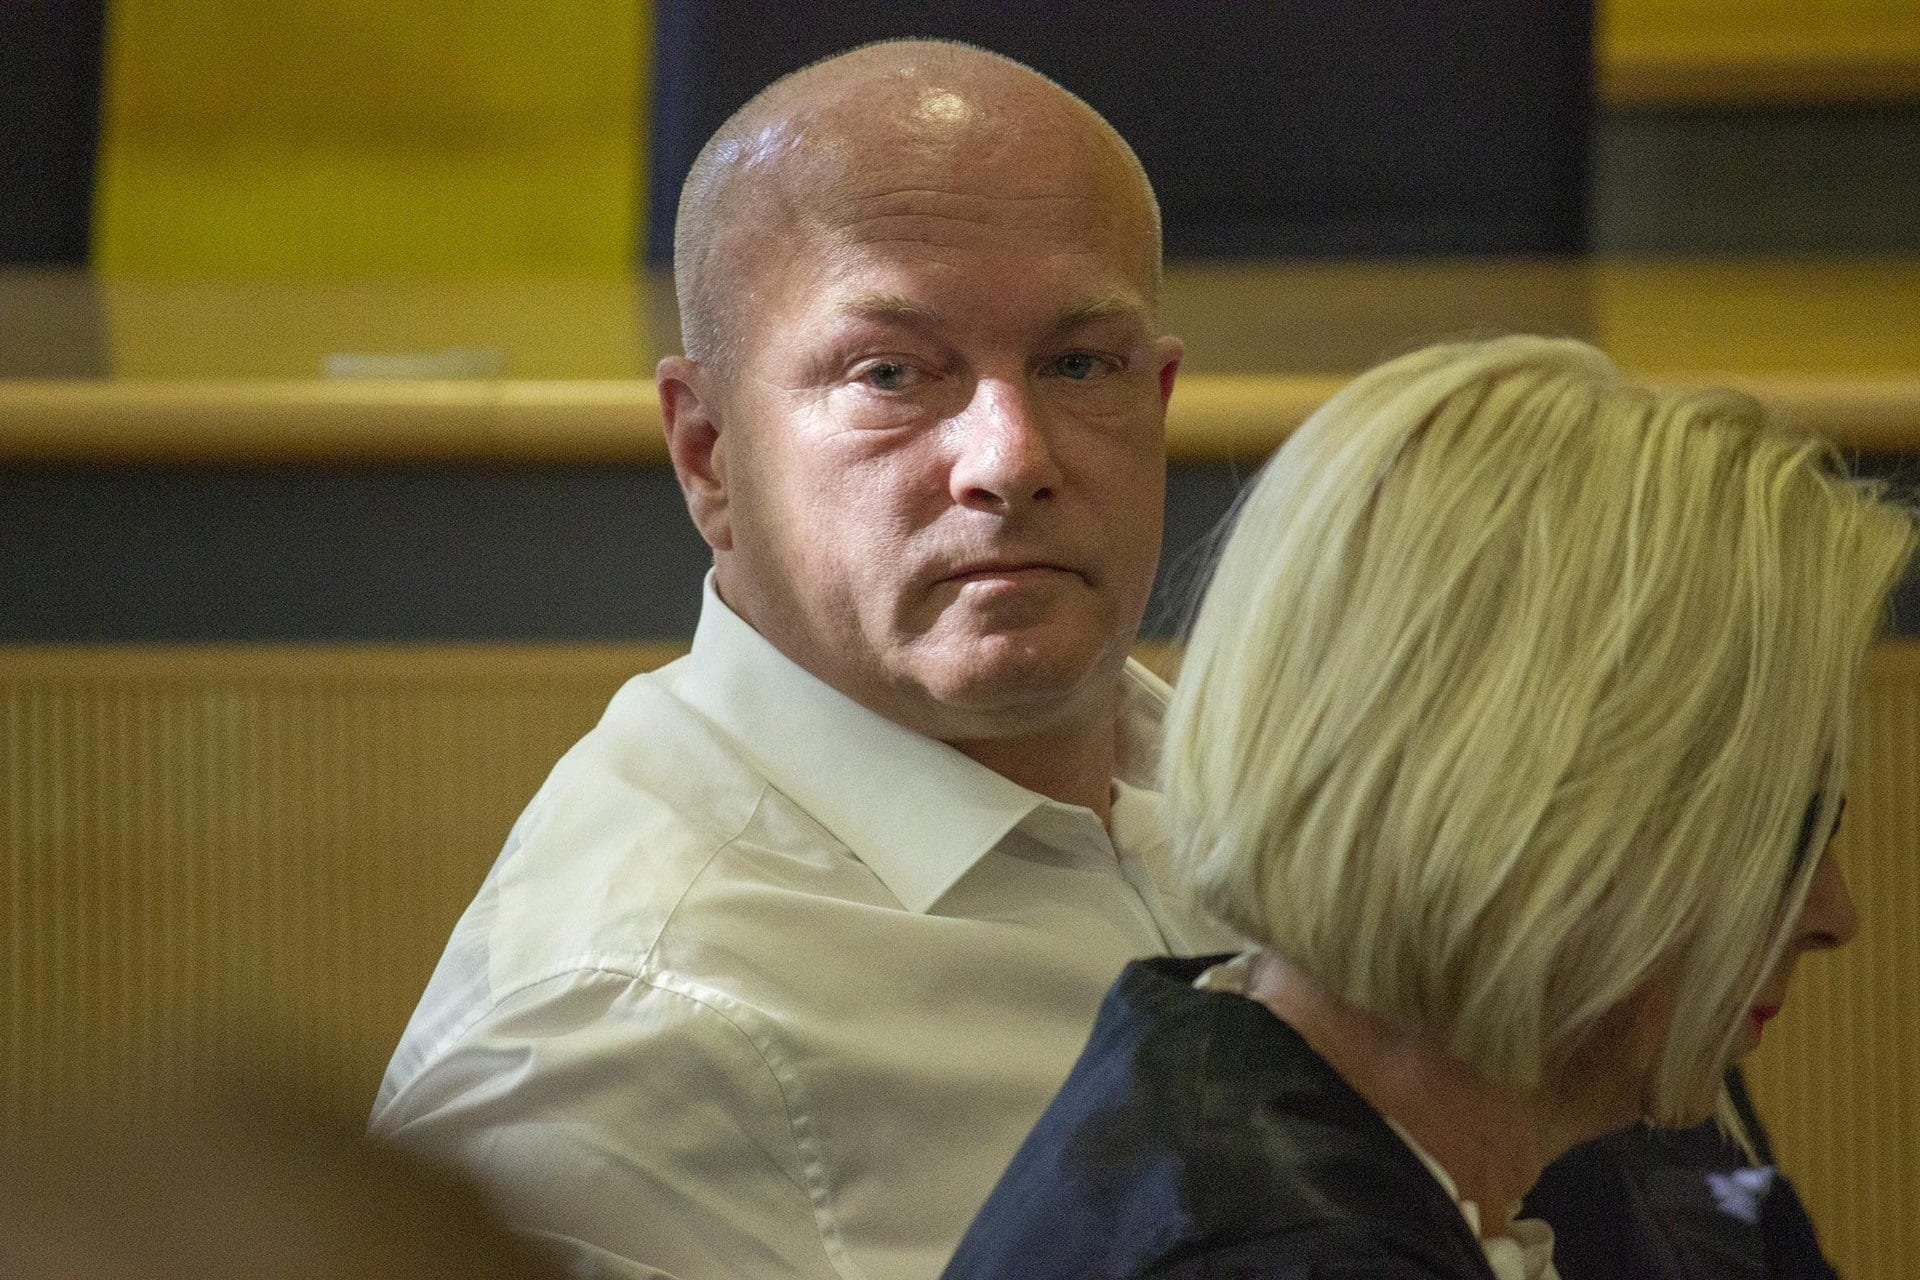 Suspendierter Oberbürgermeister schuldig gesprochen wegen Vorteilsannahme, dennoch bleibt er straffrei Gefühlter Freispruch für Joachim Wolbergs